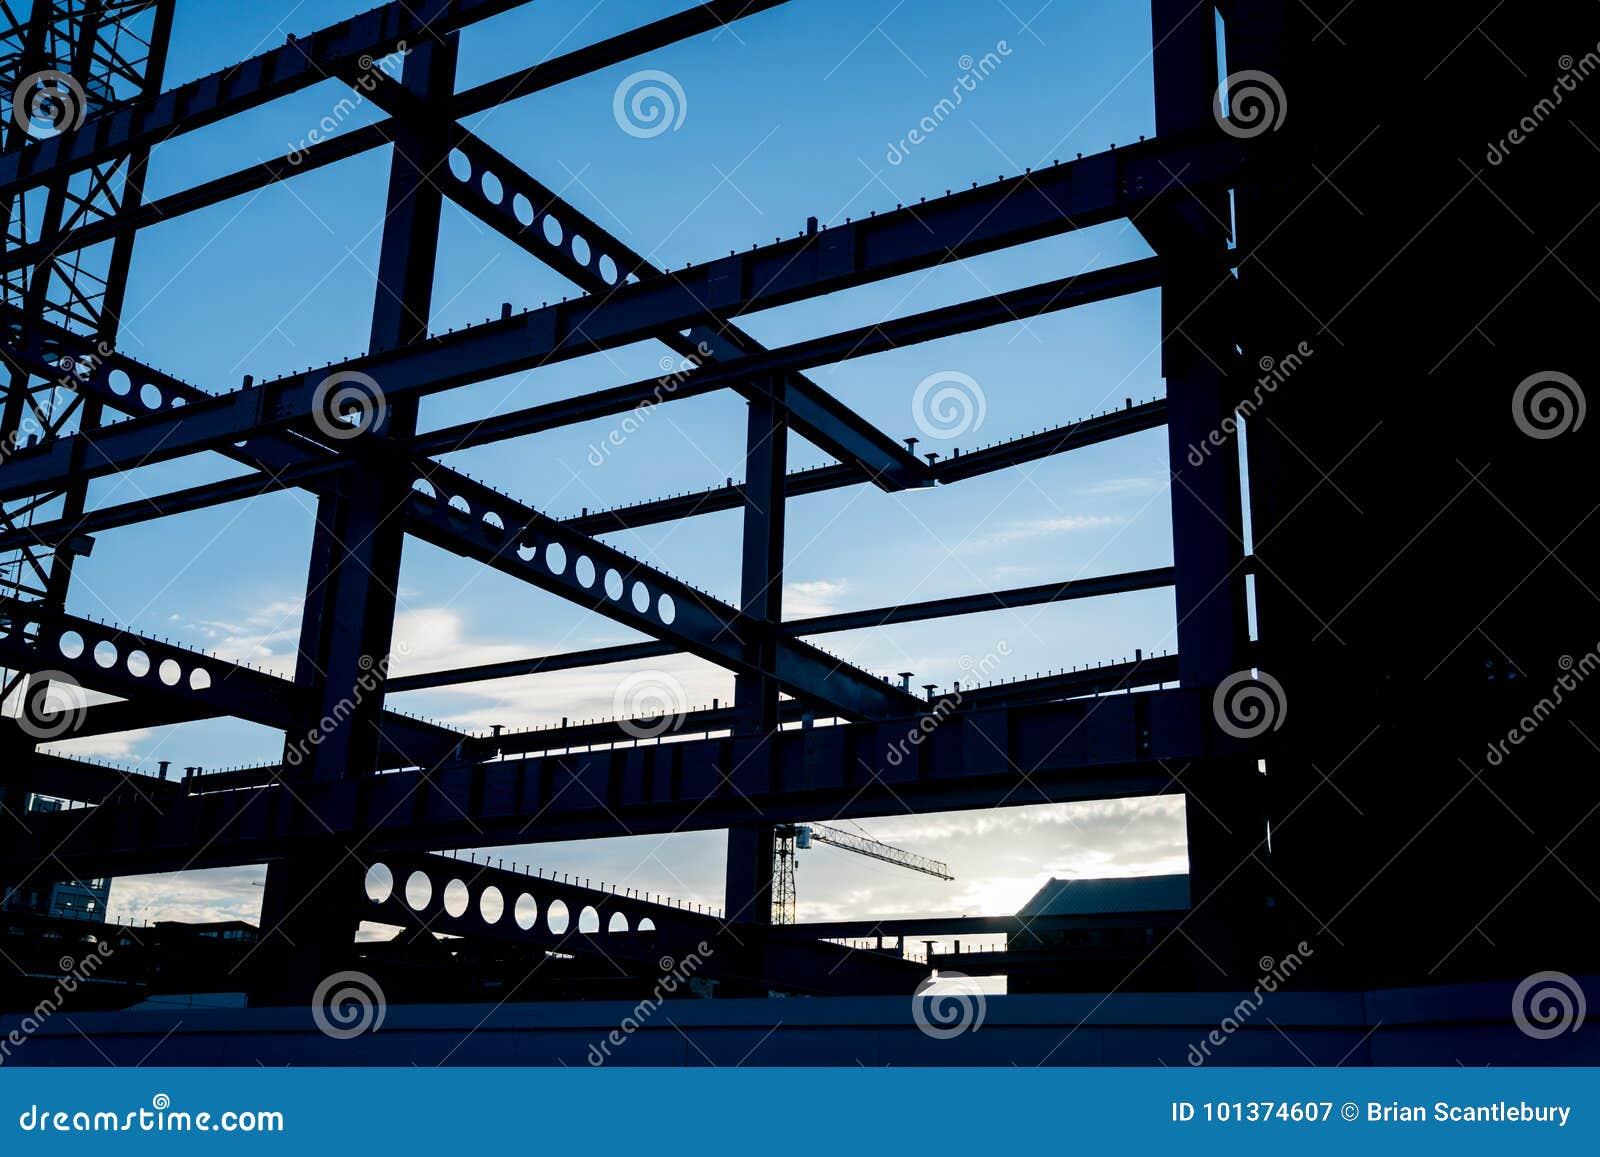 Baustahlträger gestaltet im Schattenbild